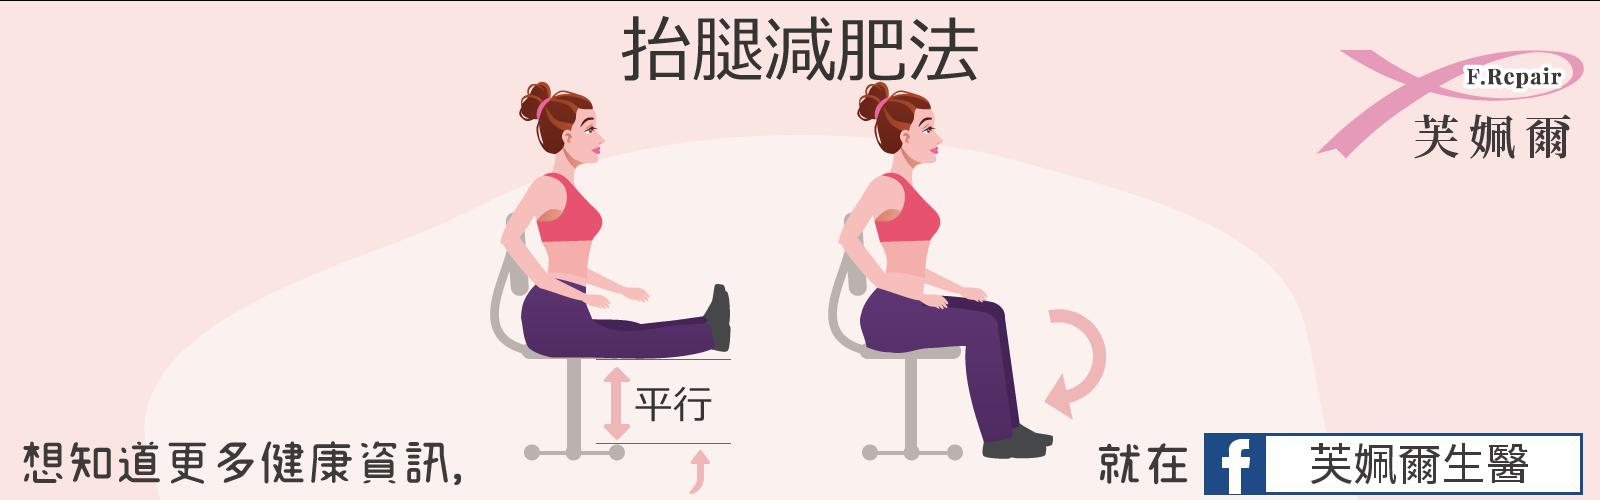 抬腿減肥法